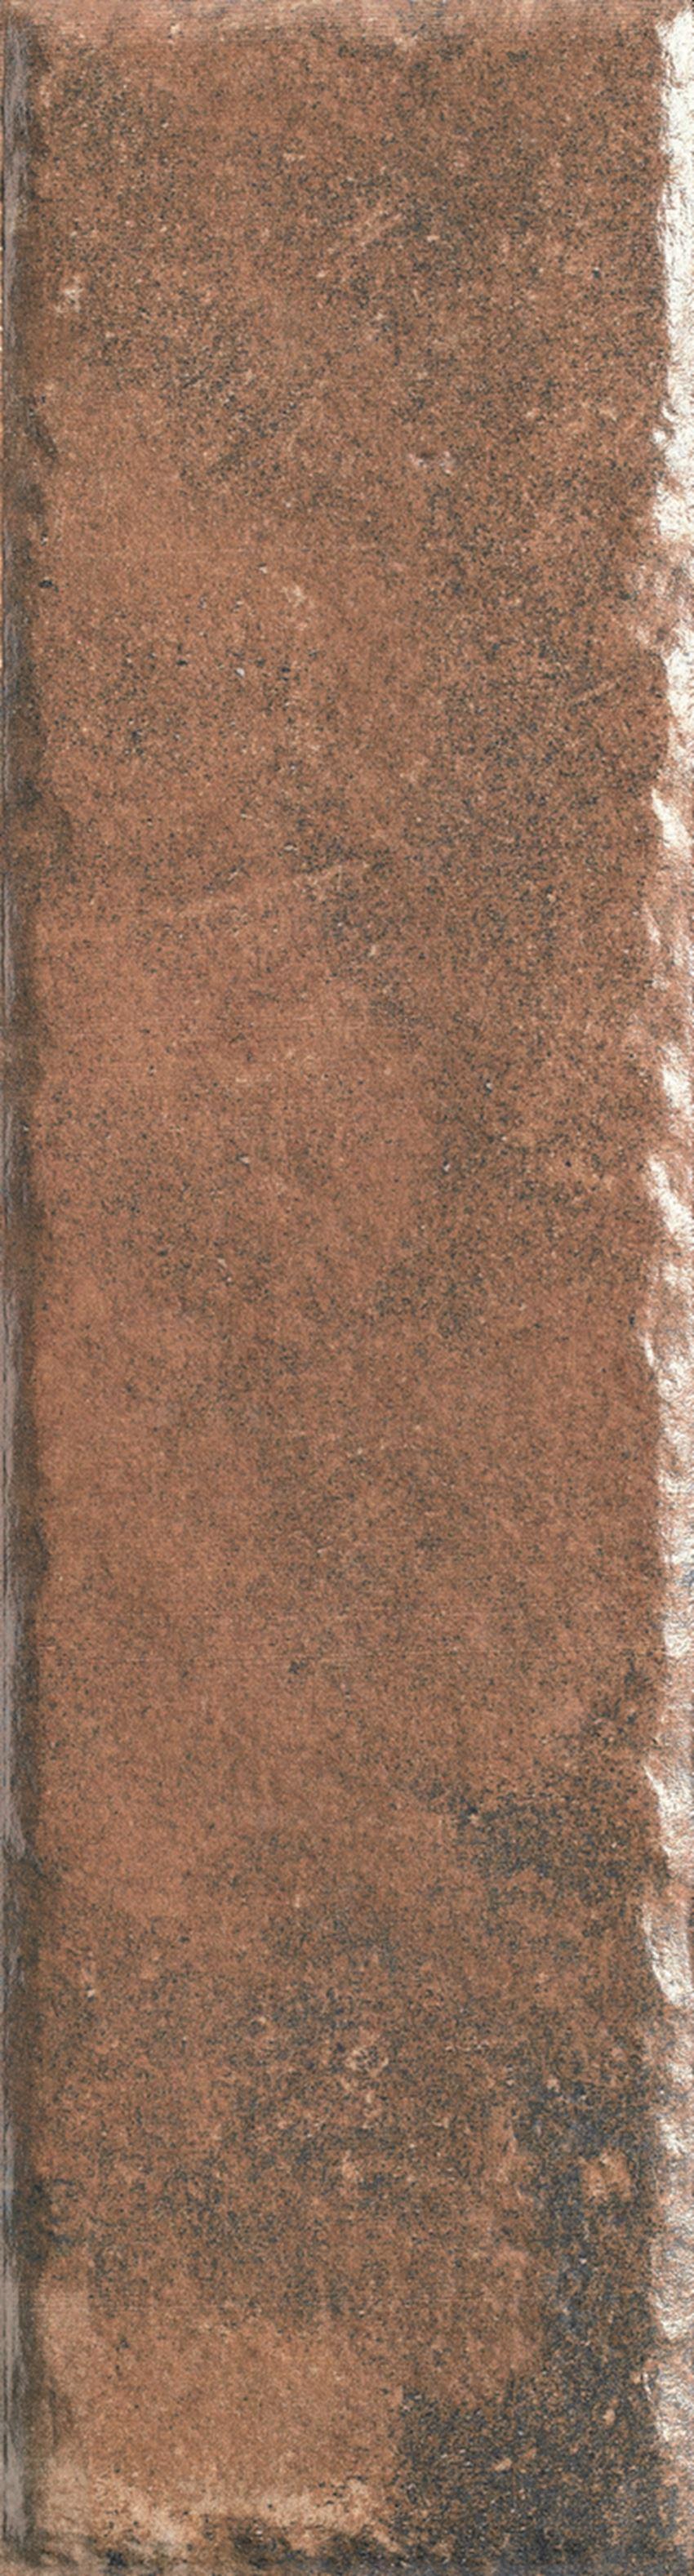 Płytka elewacyjna 6,6x24,5 cm Paradyż Scandiano Rosso Elewacja